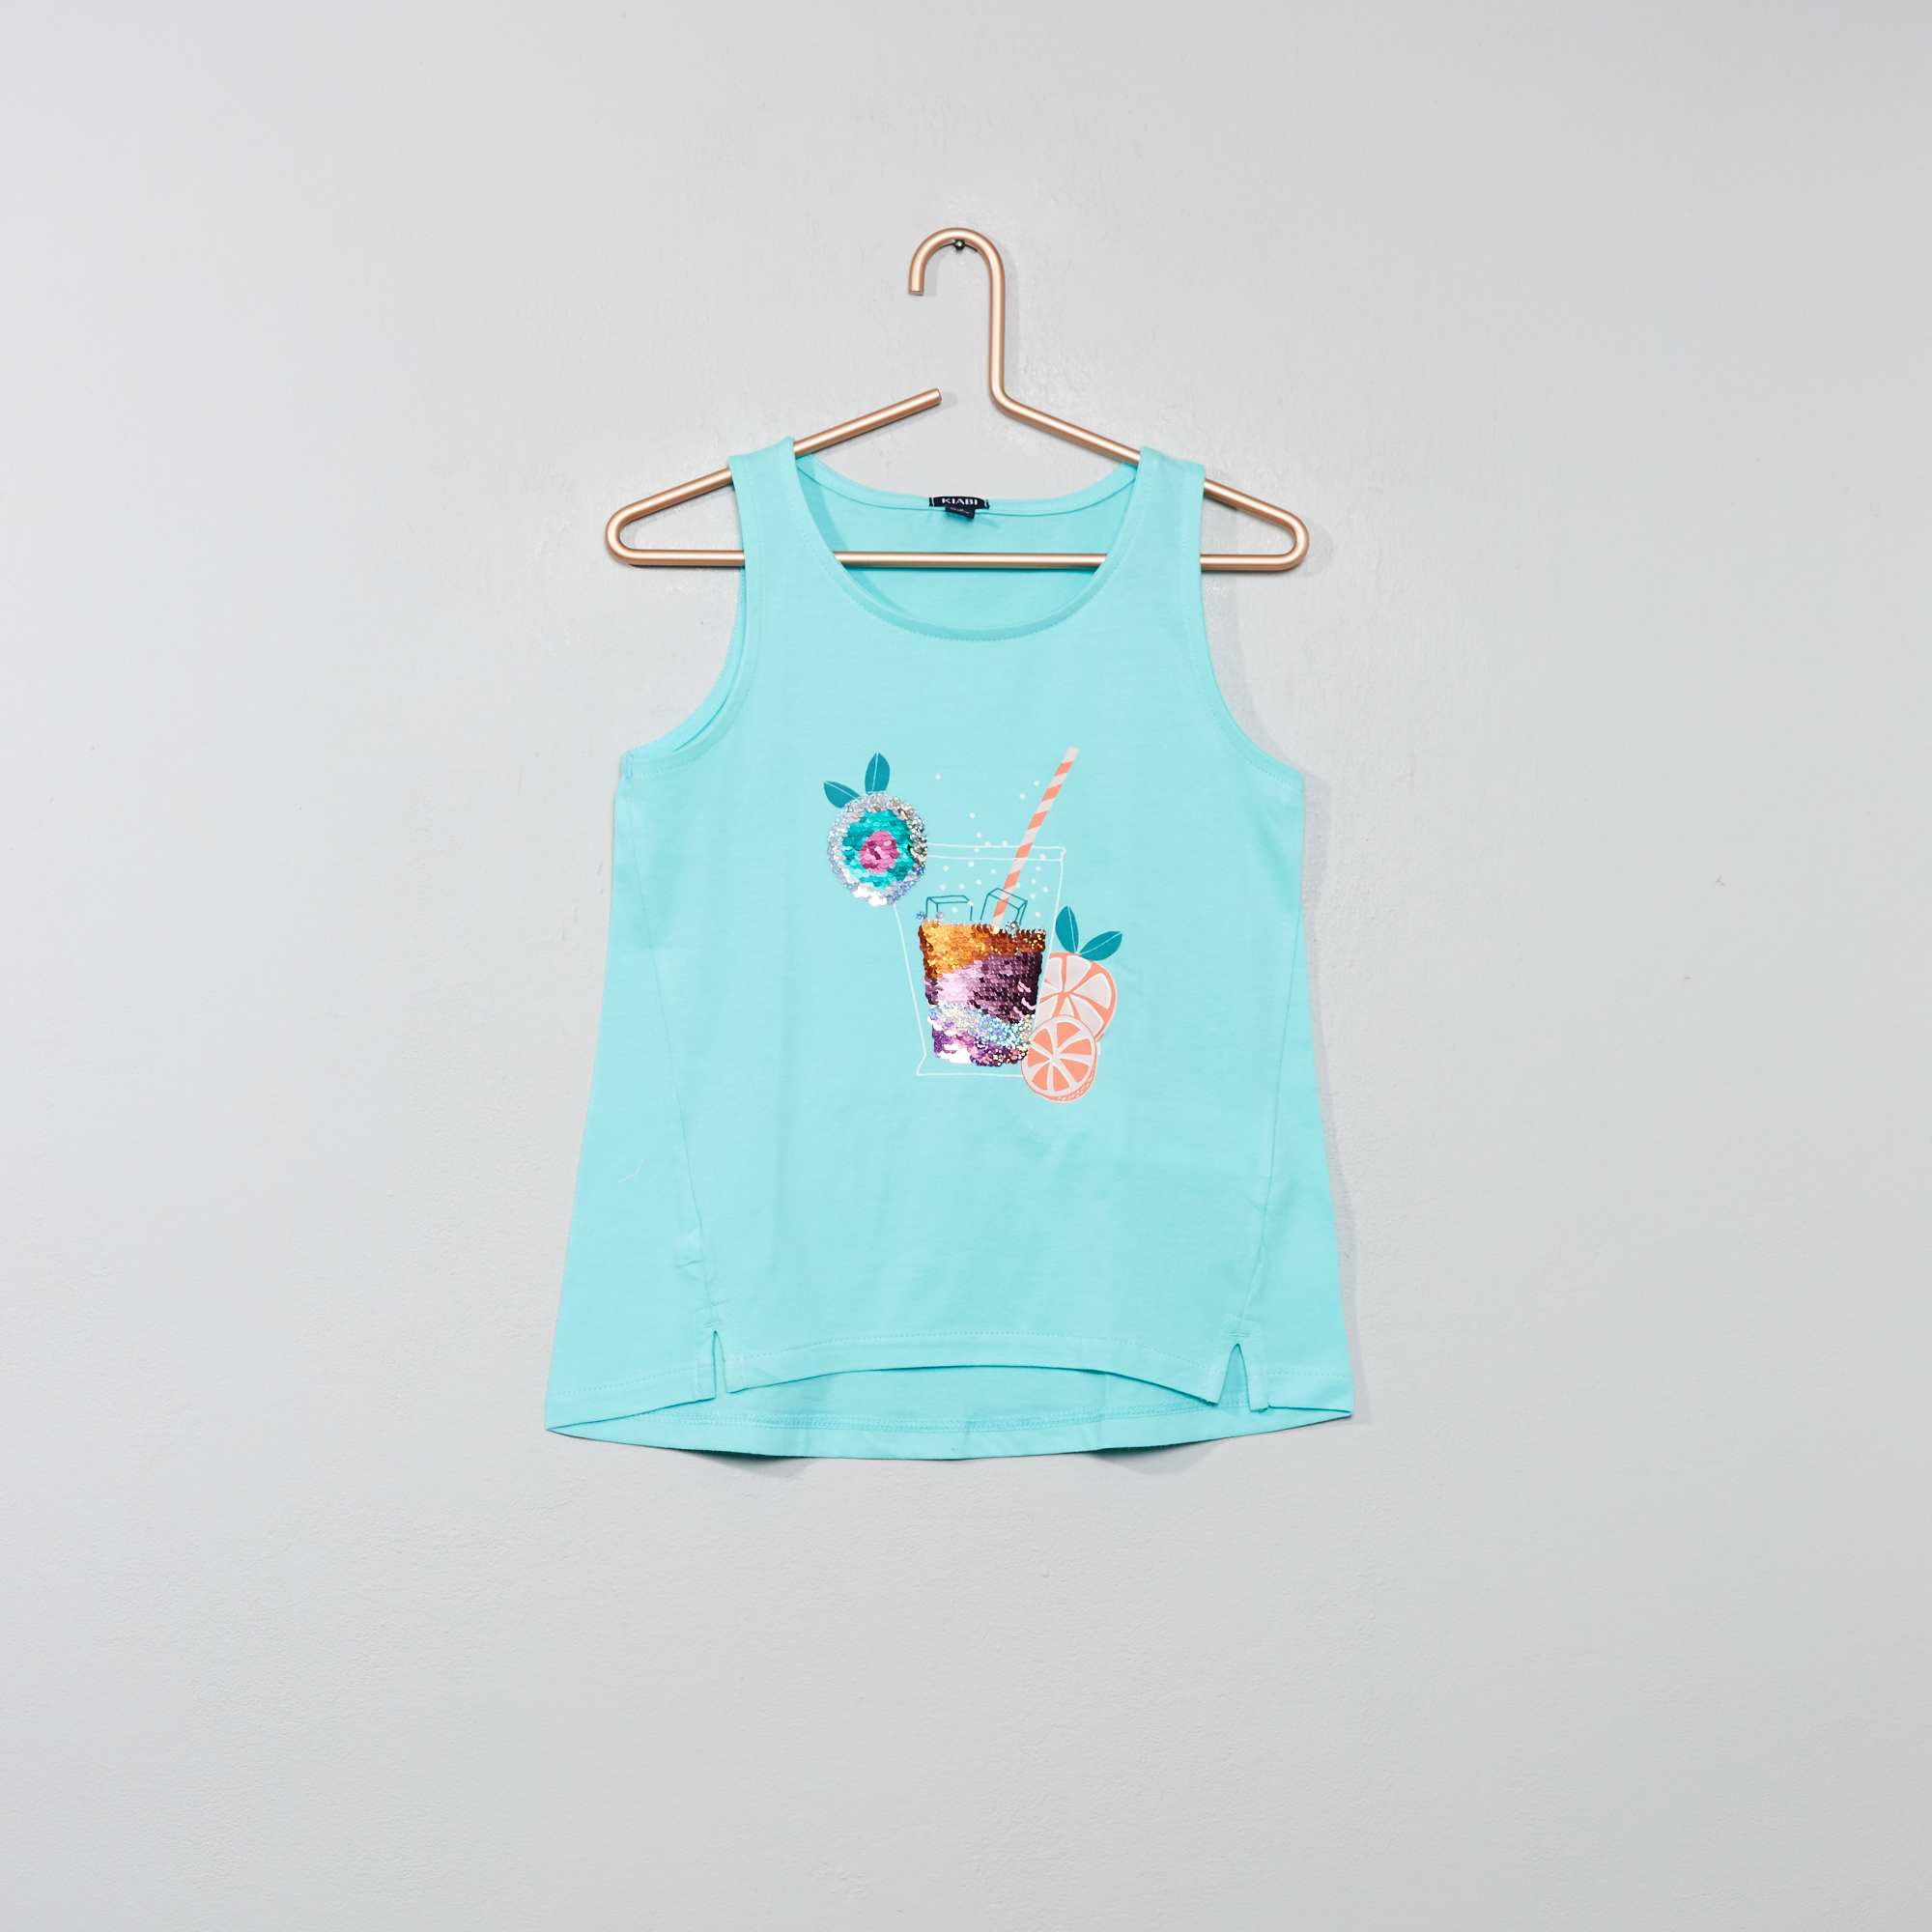 48ecd43e2 Camiseta sin mangas con lentejuelas reversibles Chica - AZUL - Kiabi ...